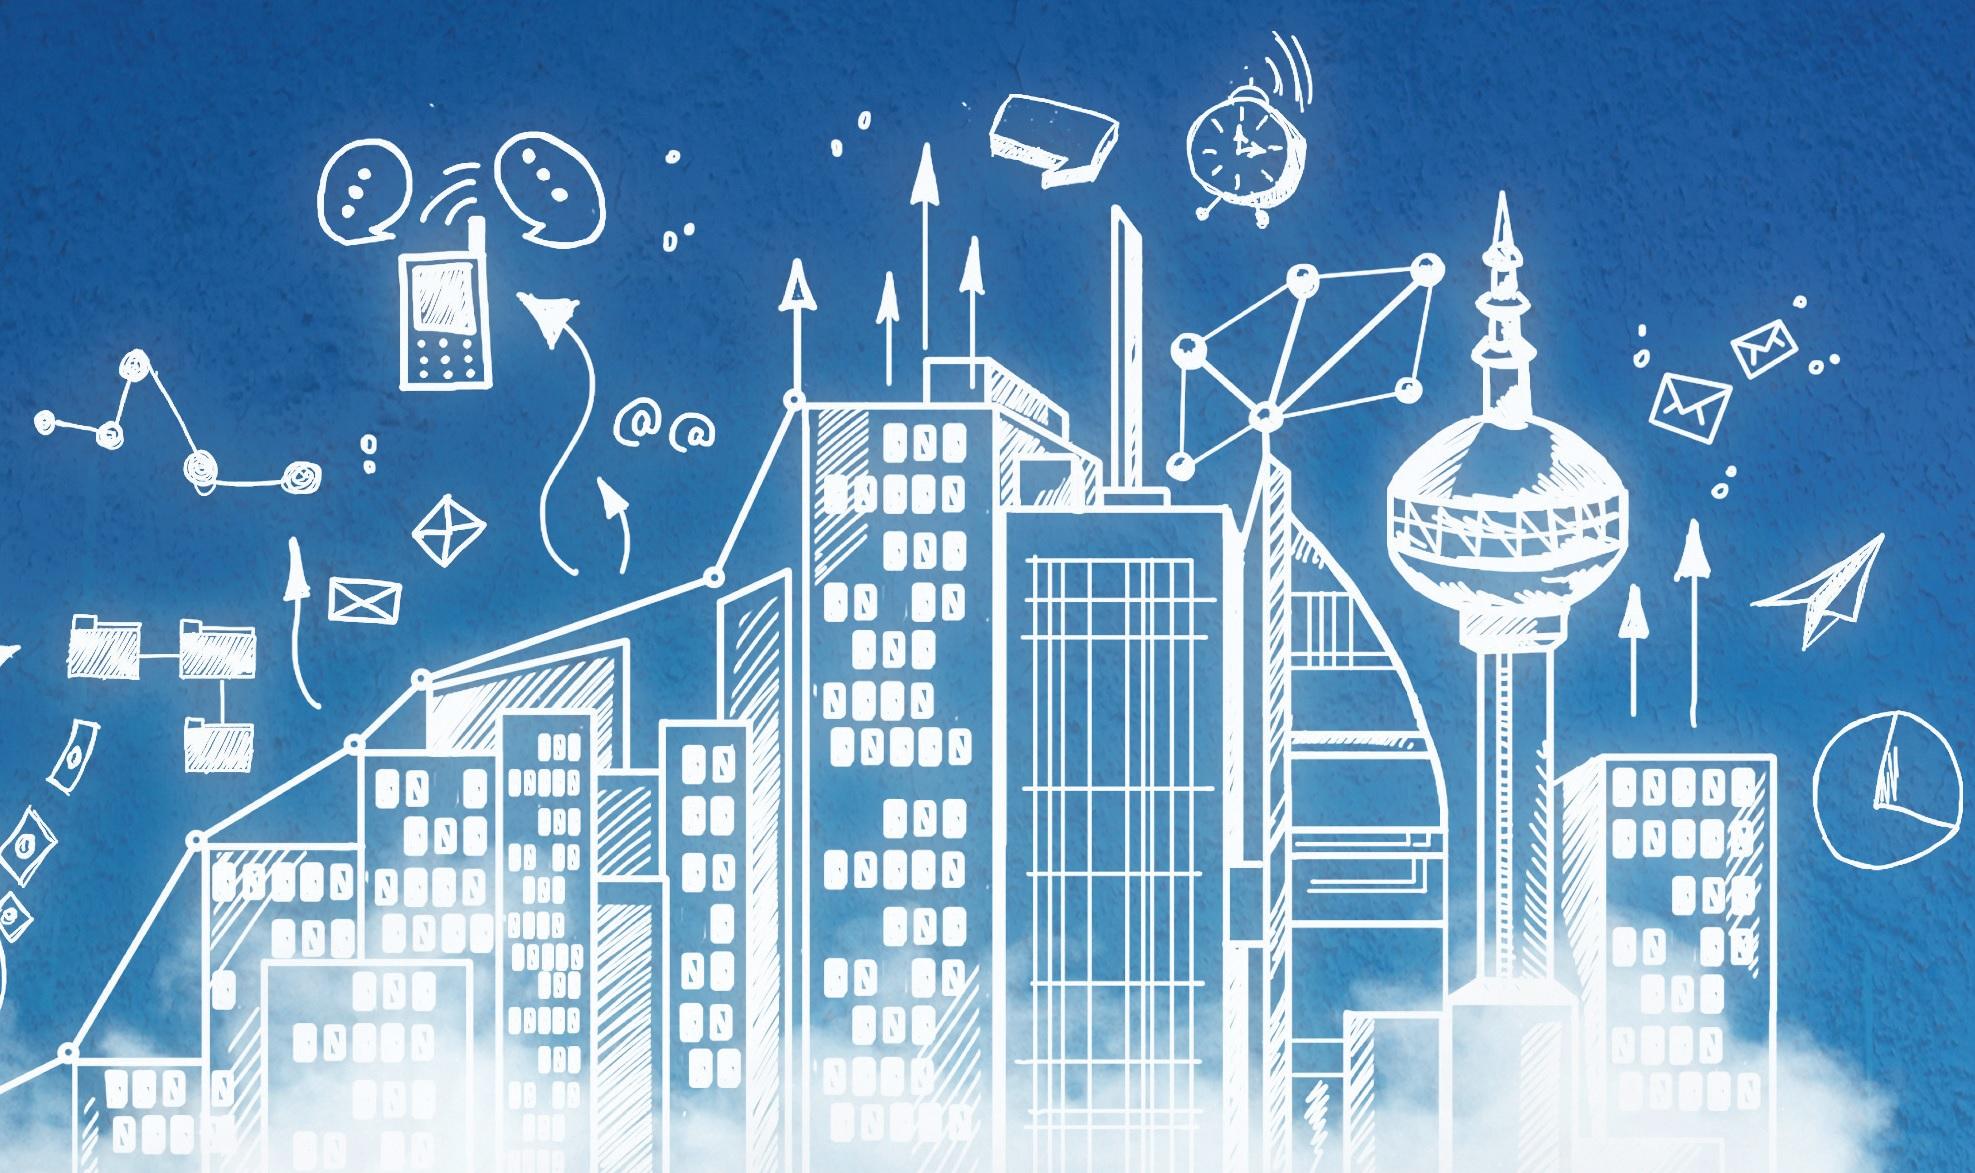 Mensch & Maschine - Baufinanzierung und Immobilienpreis-Einwertung